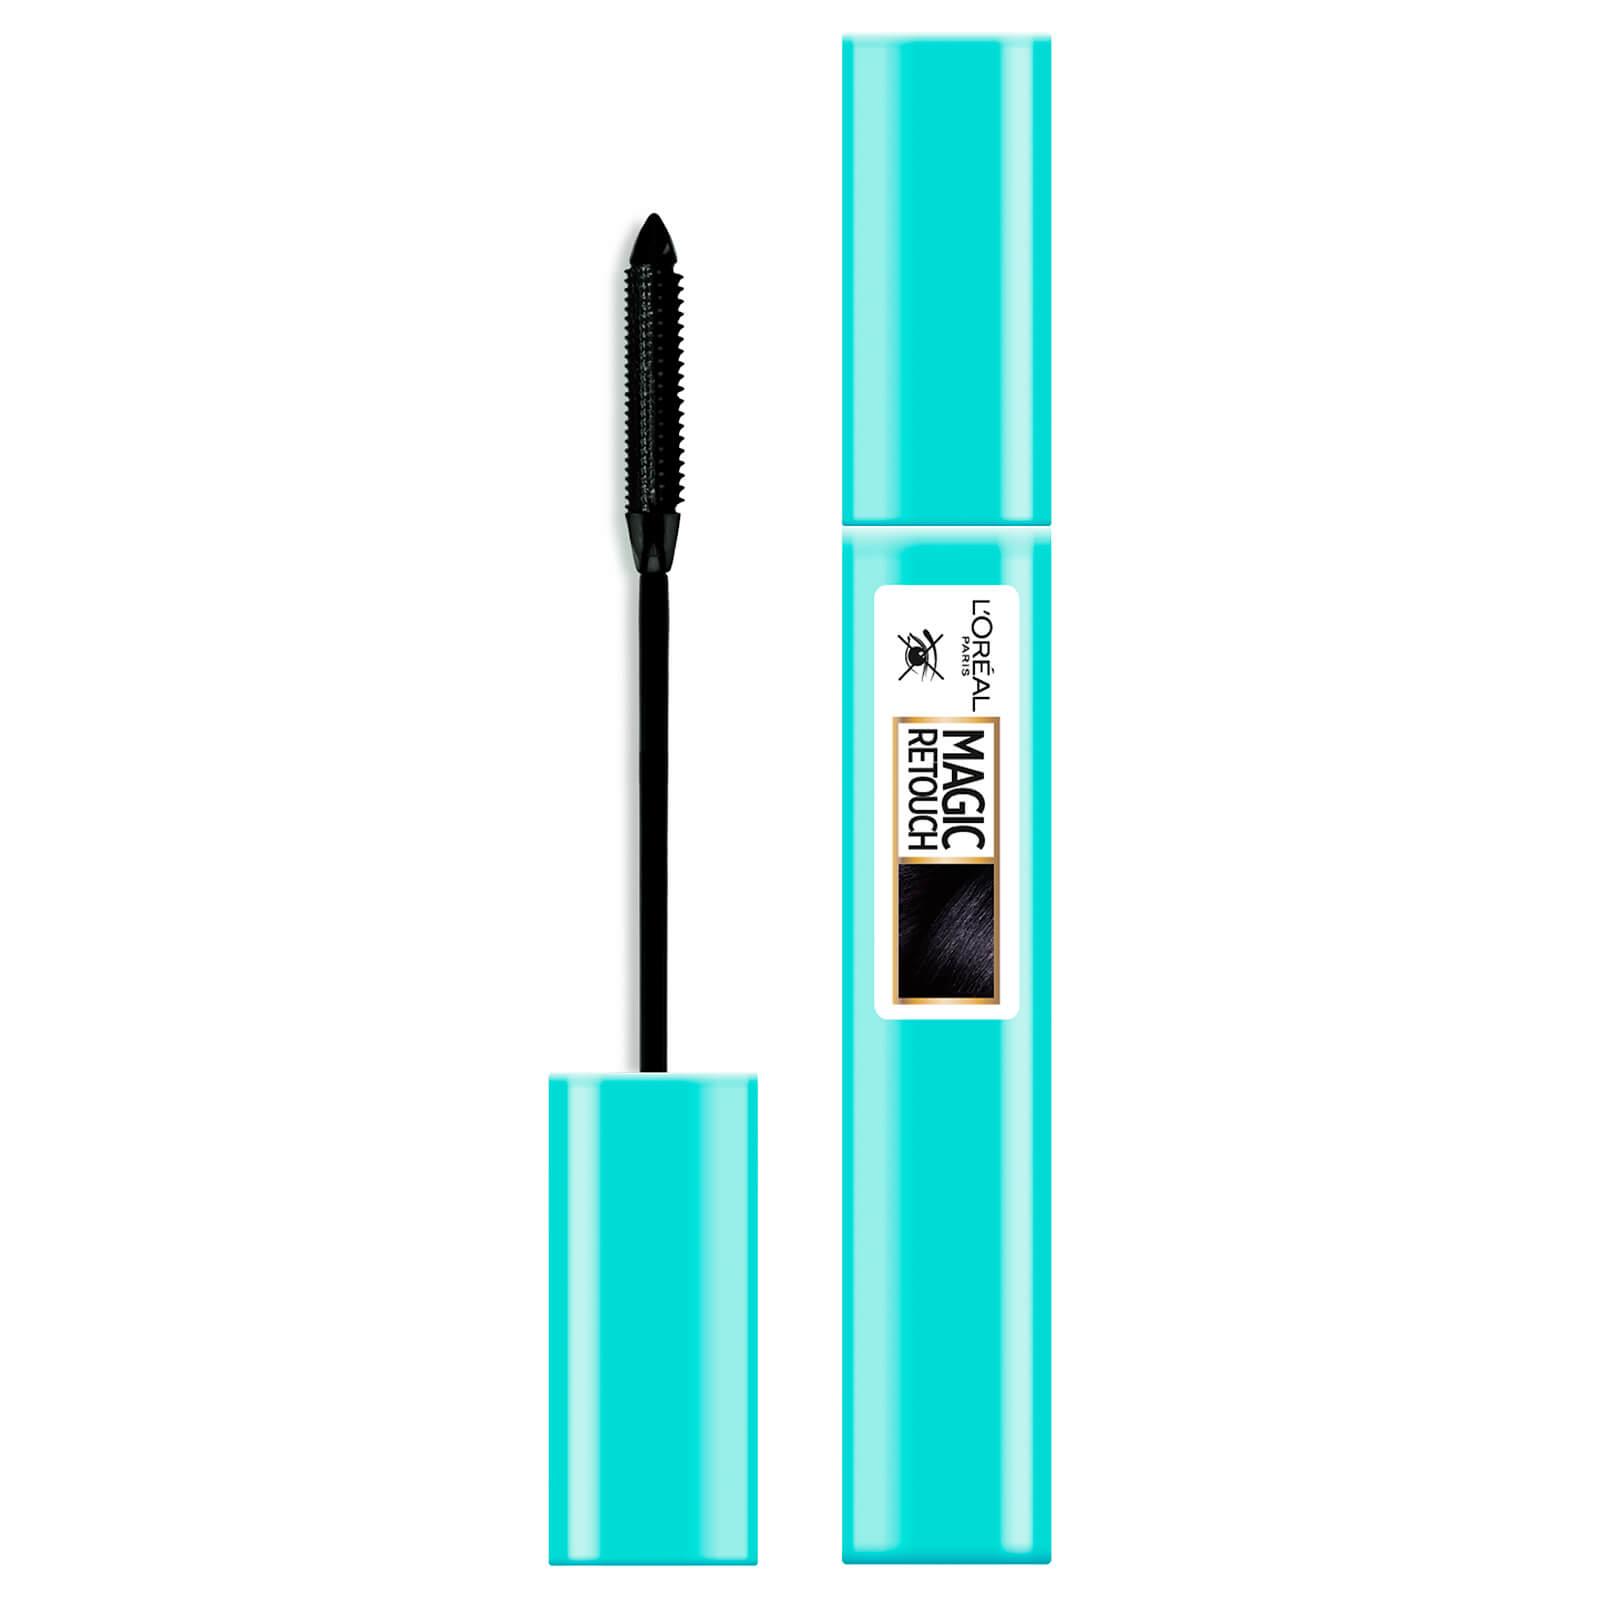 L'Oréal Paris Magic Retouch Precision Instant Grey Concealer Brush (Various Shades) - Black